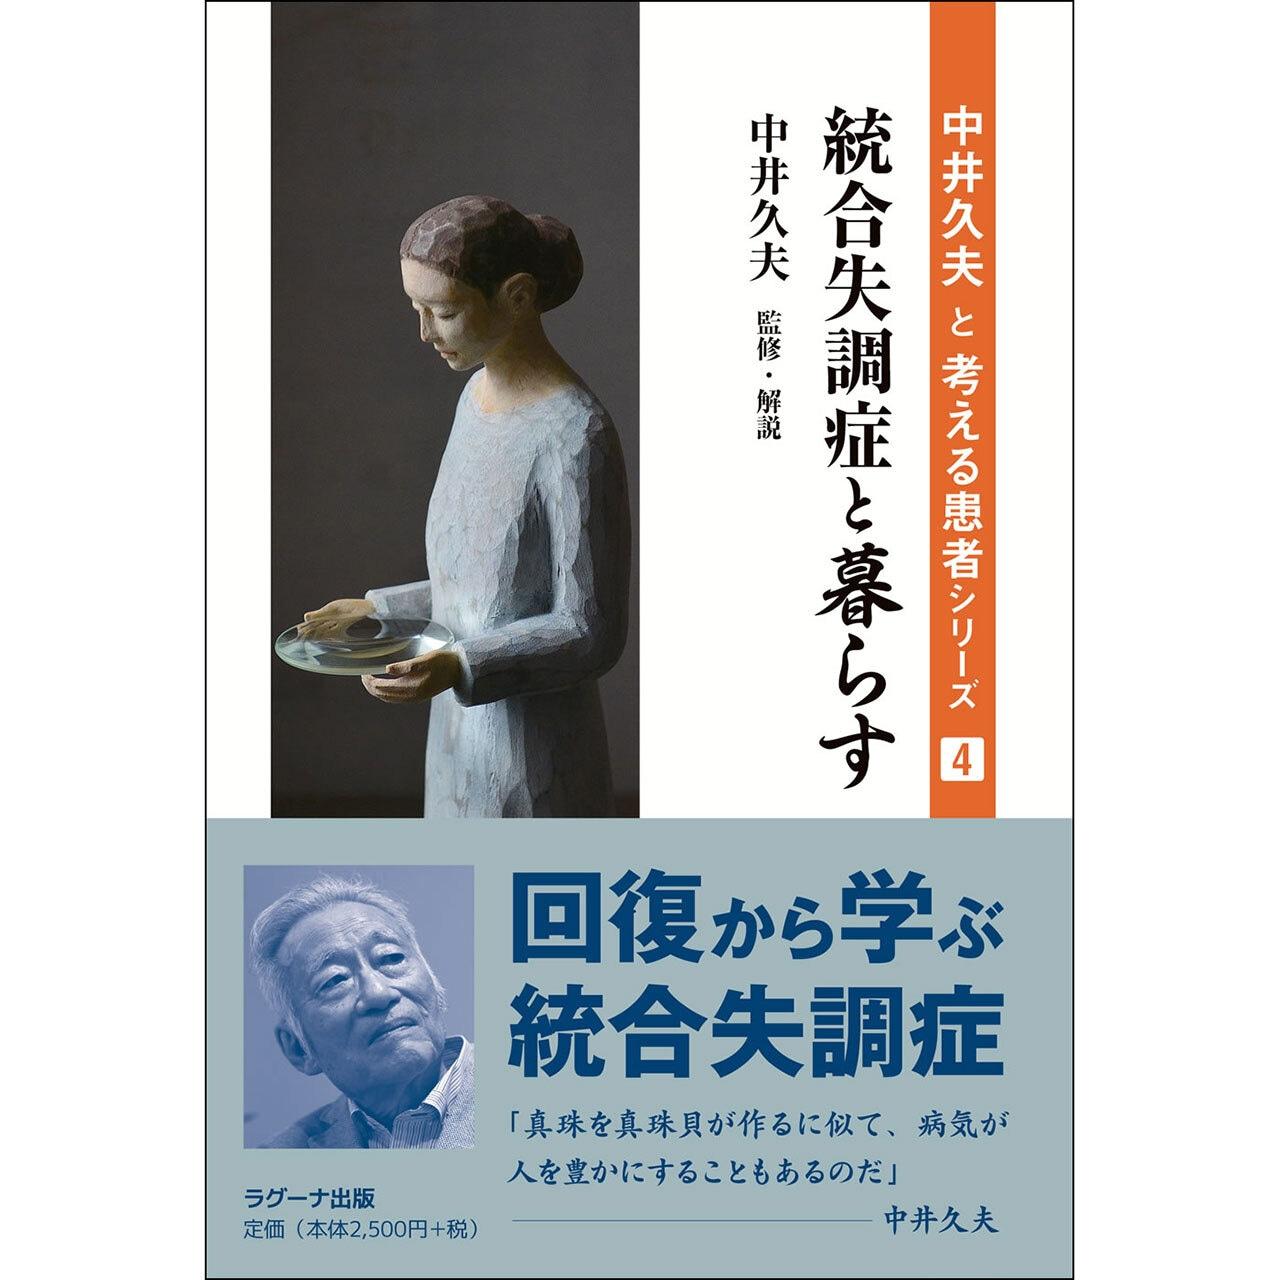 中井久夫と考える患者シリーズ4 統合失調症と暮らす